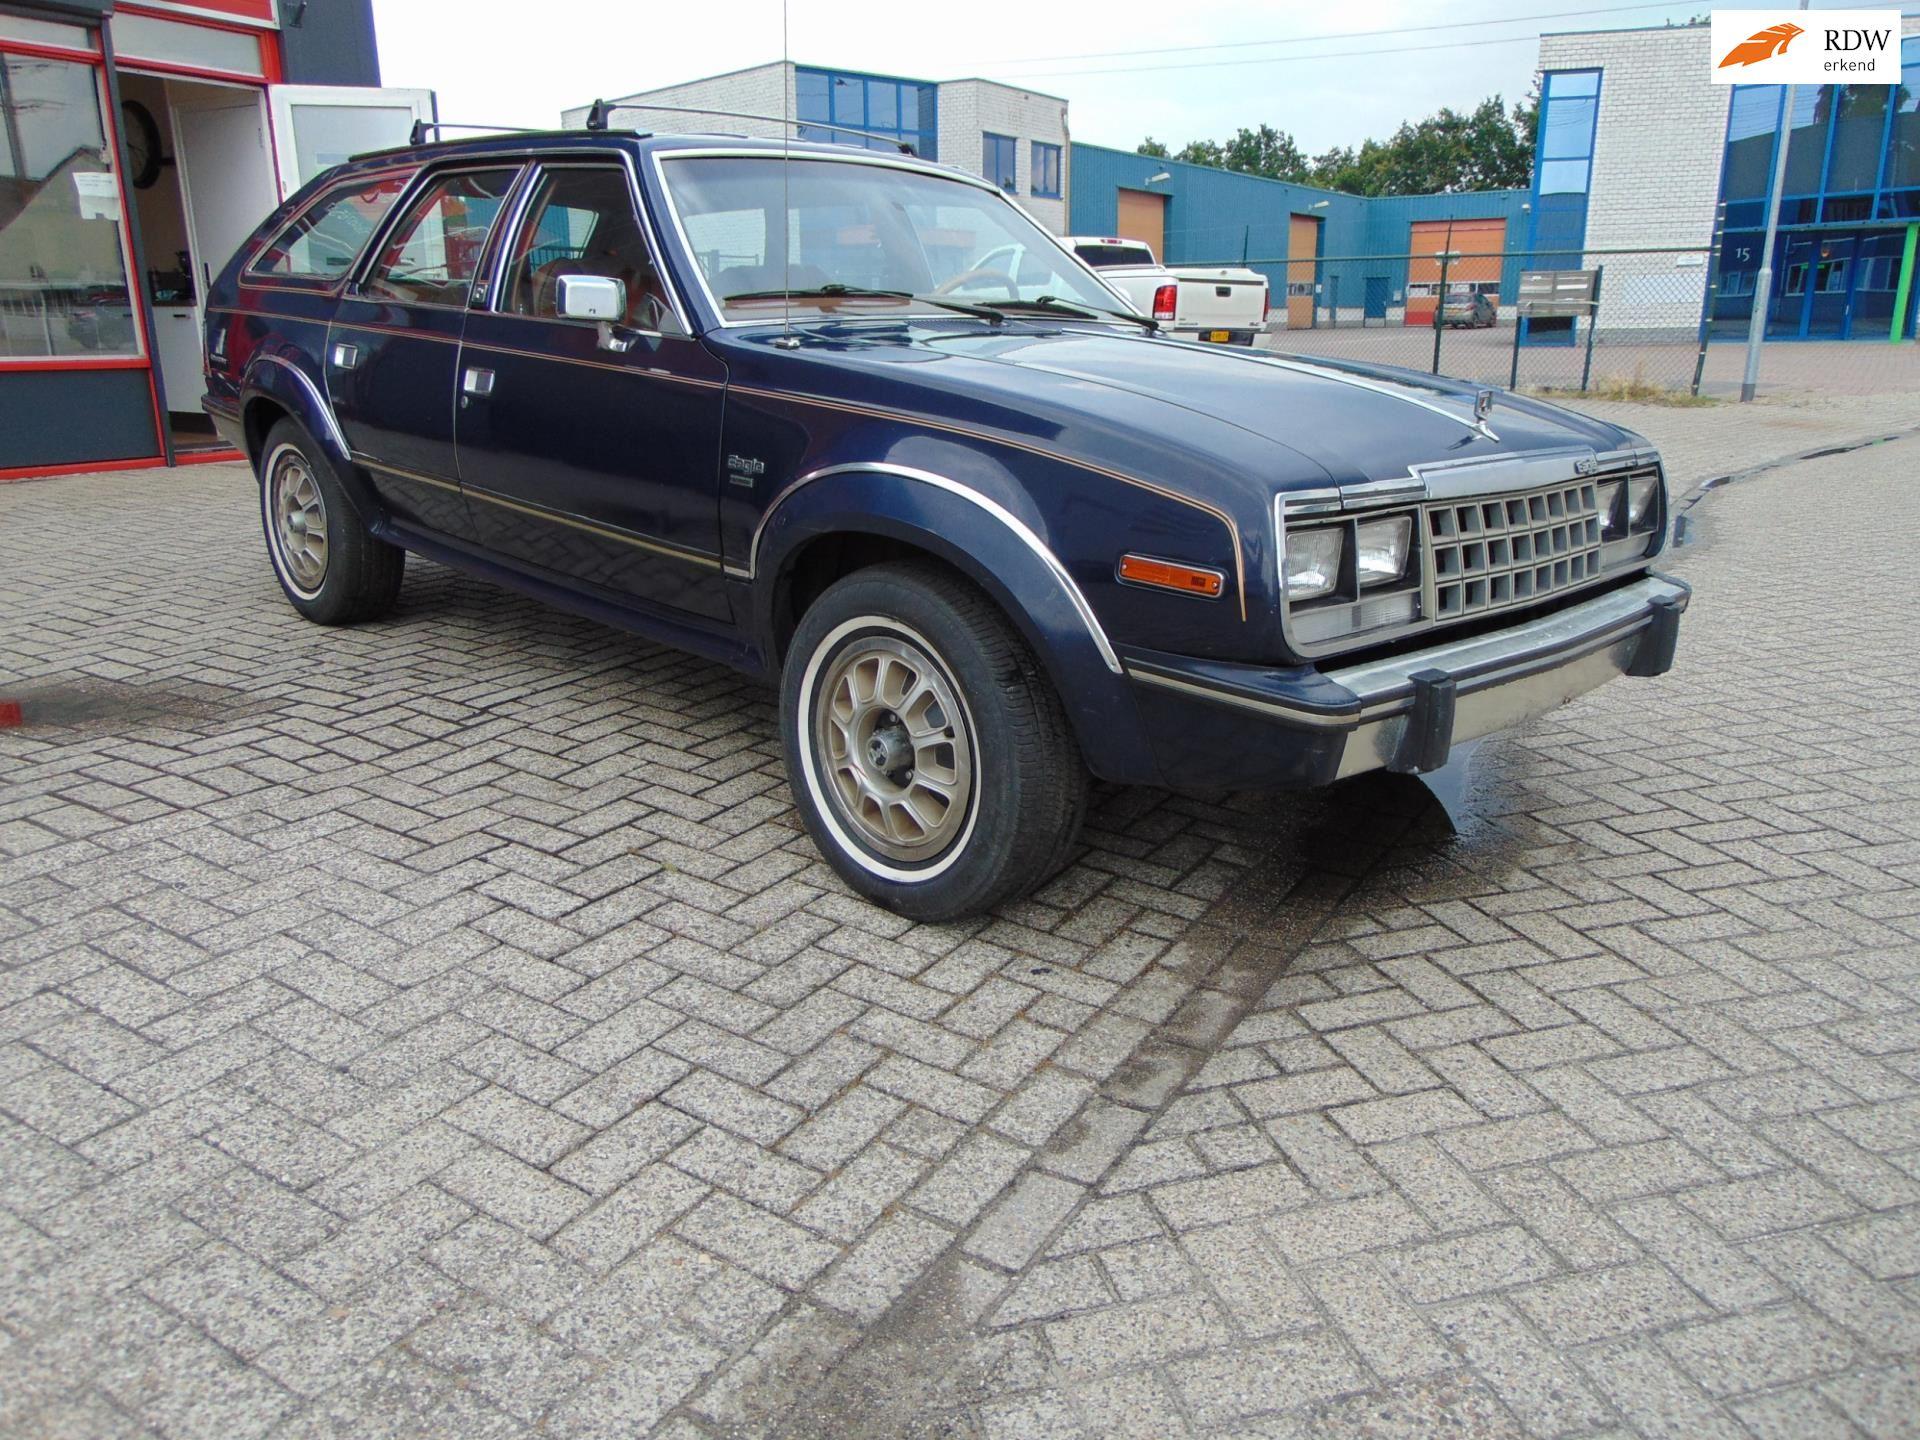 American Motors Eagle 4x4 occasion - E.T. Auto's